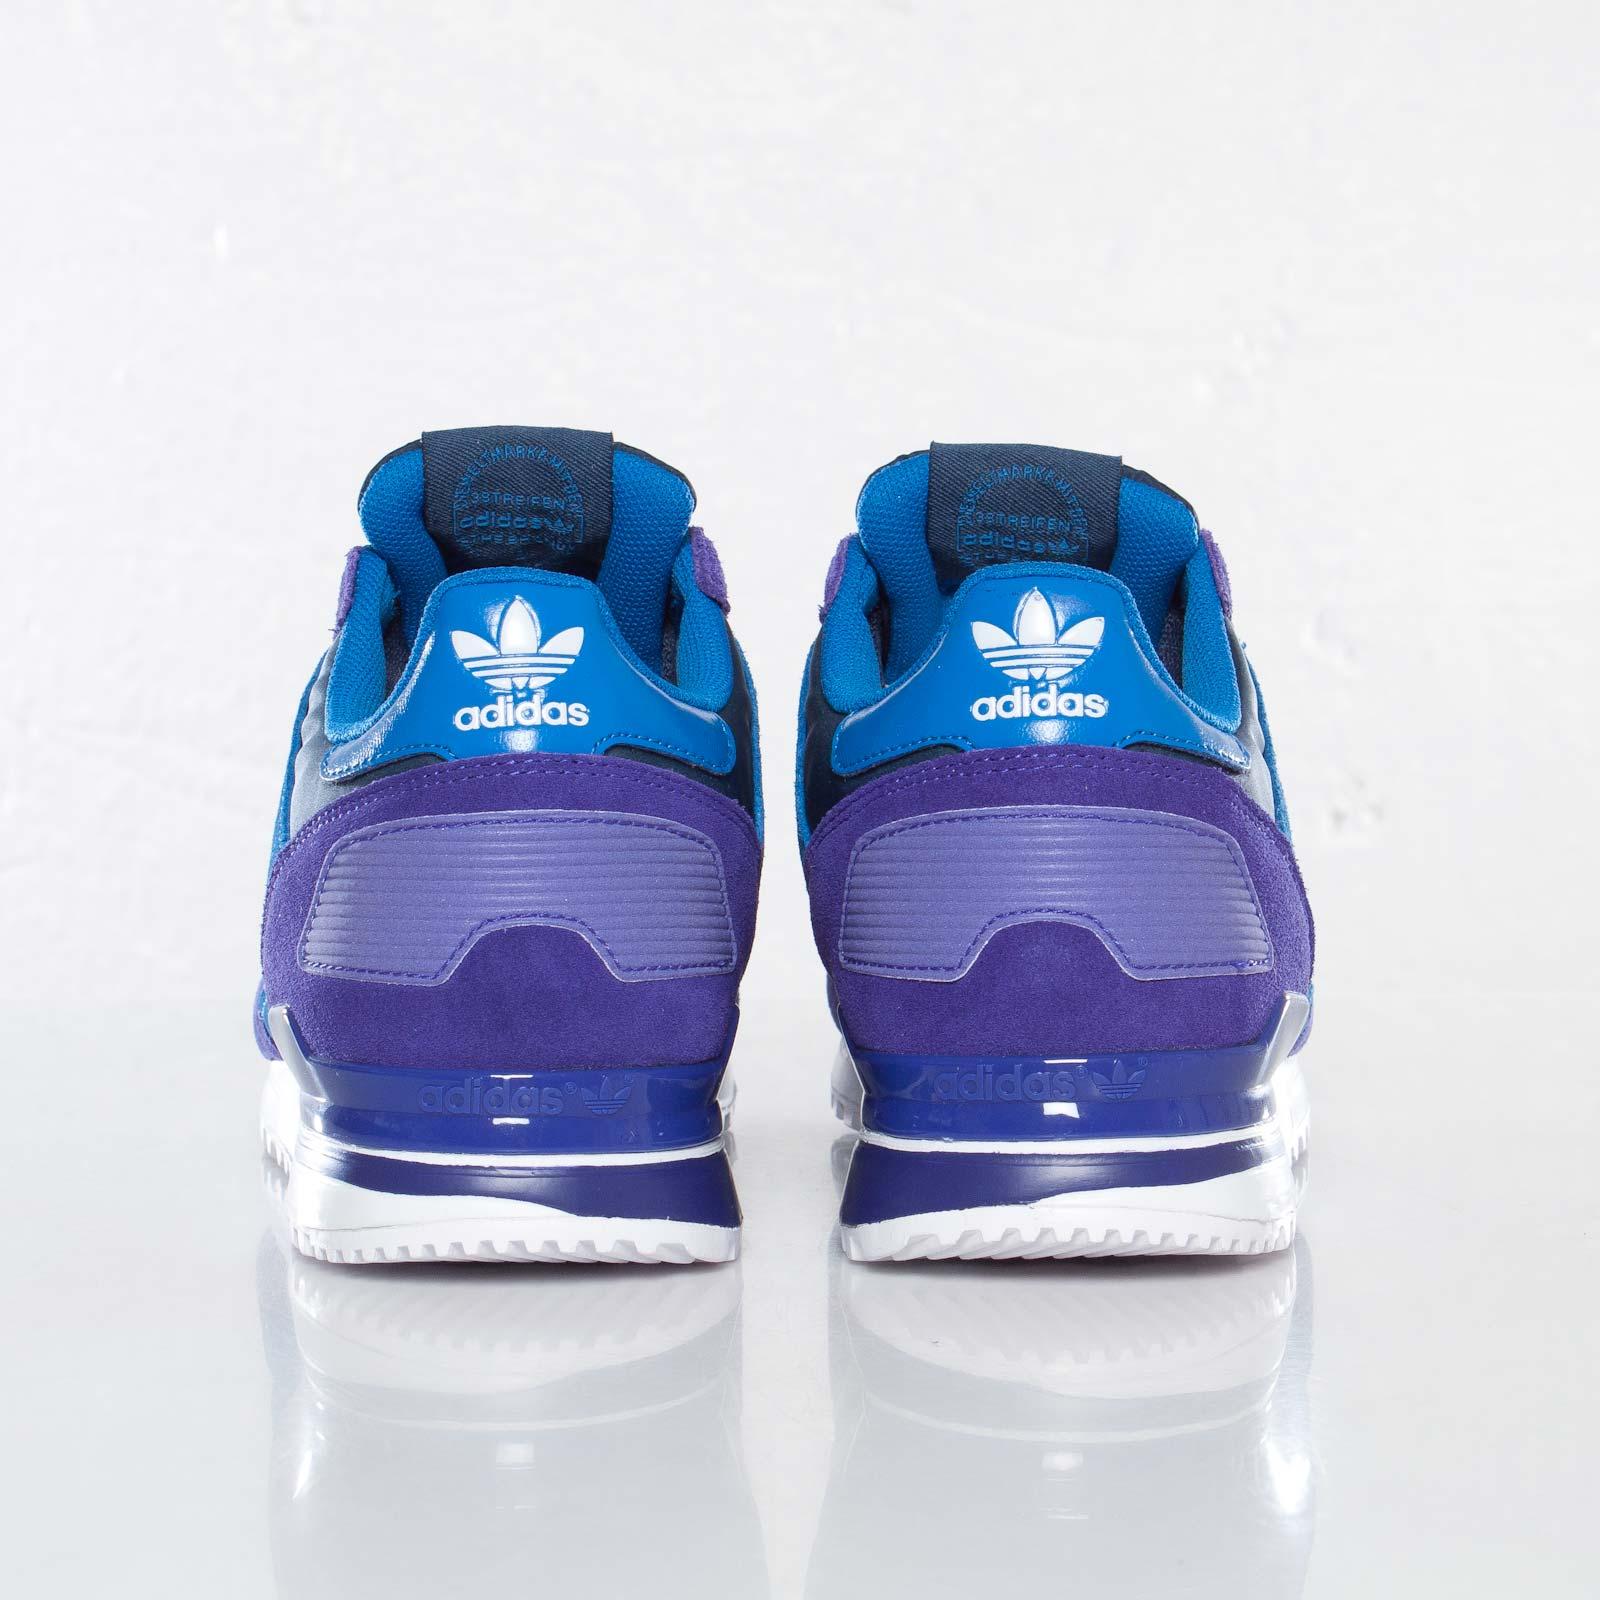 outlet store 1cb2c 1fe82 adidas ZX 700 W - G95705 - Sneakersnstuff   sneakers   streetwear online  since 1999